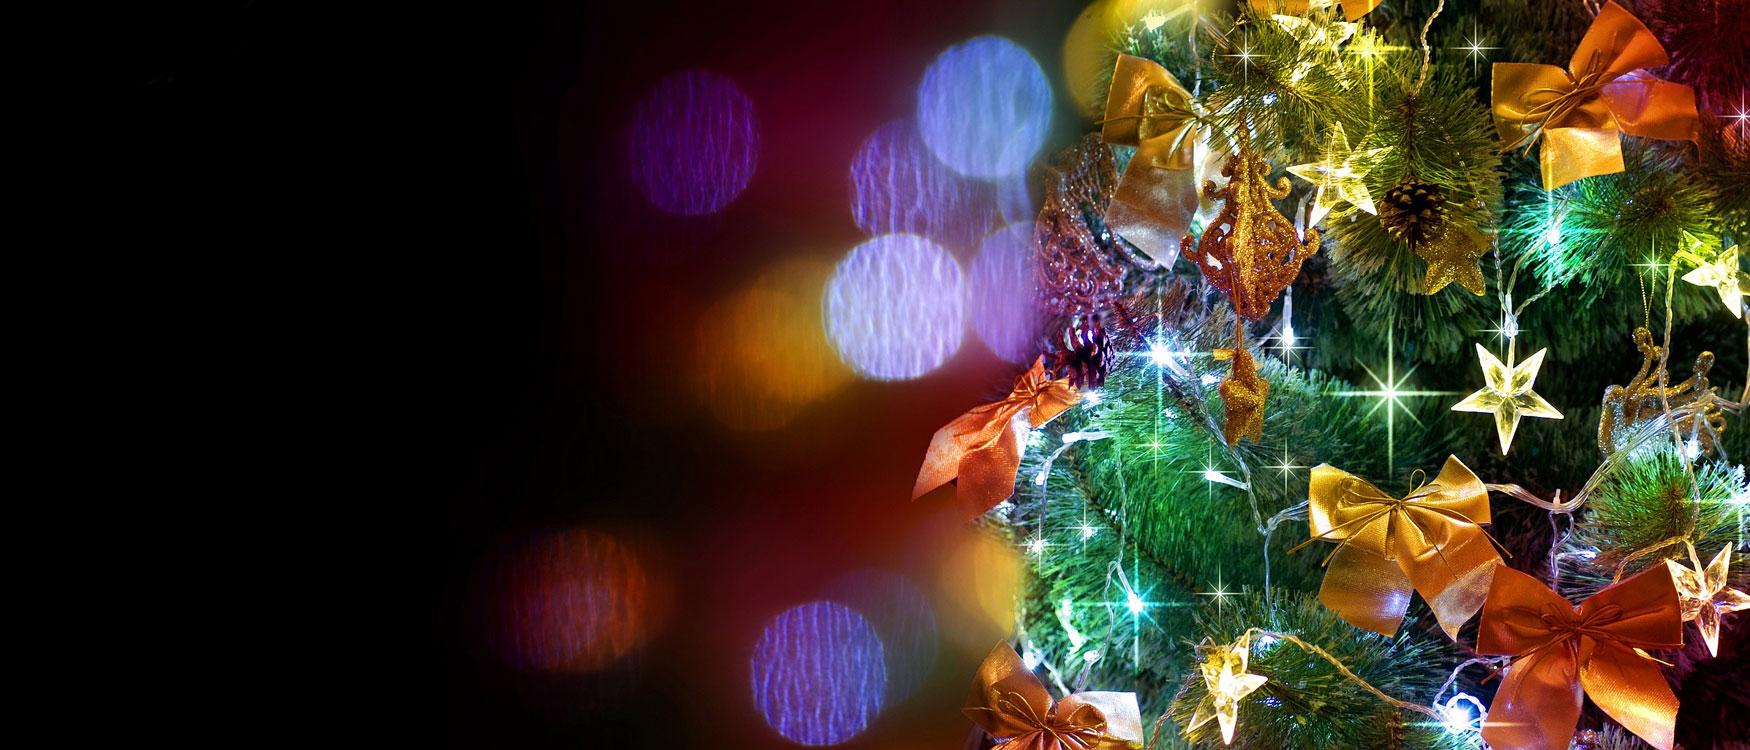 Εκδρομές Χριστούγεννα Πρωτοχρονιά 2017 - 2018